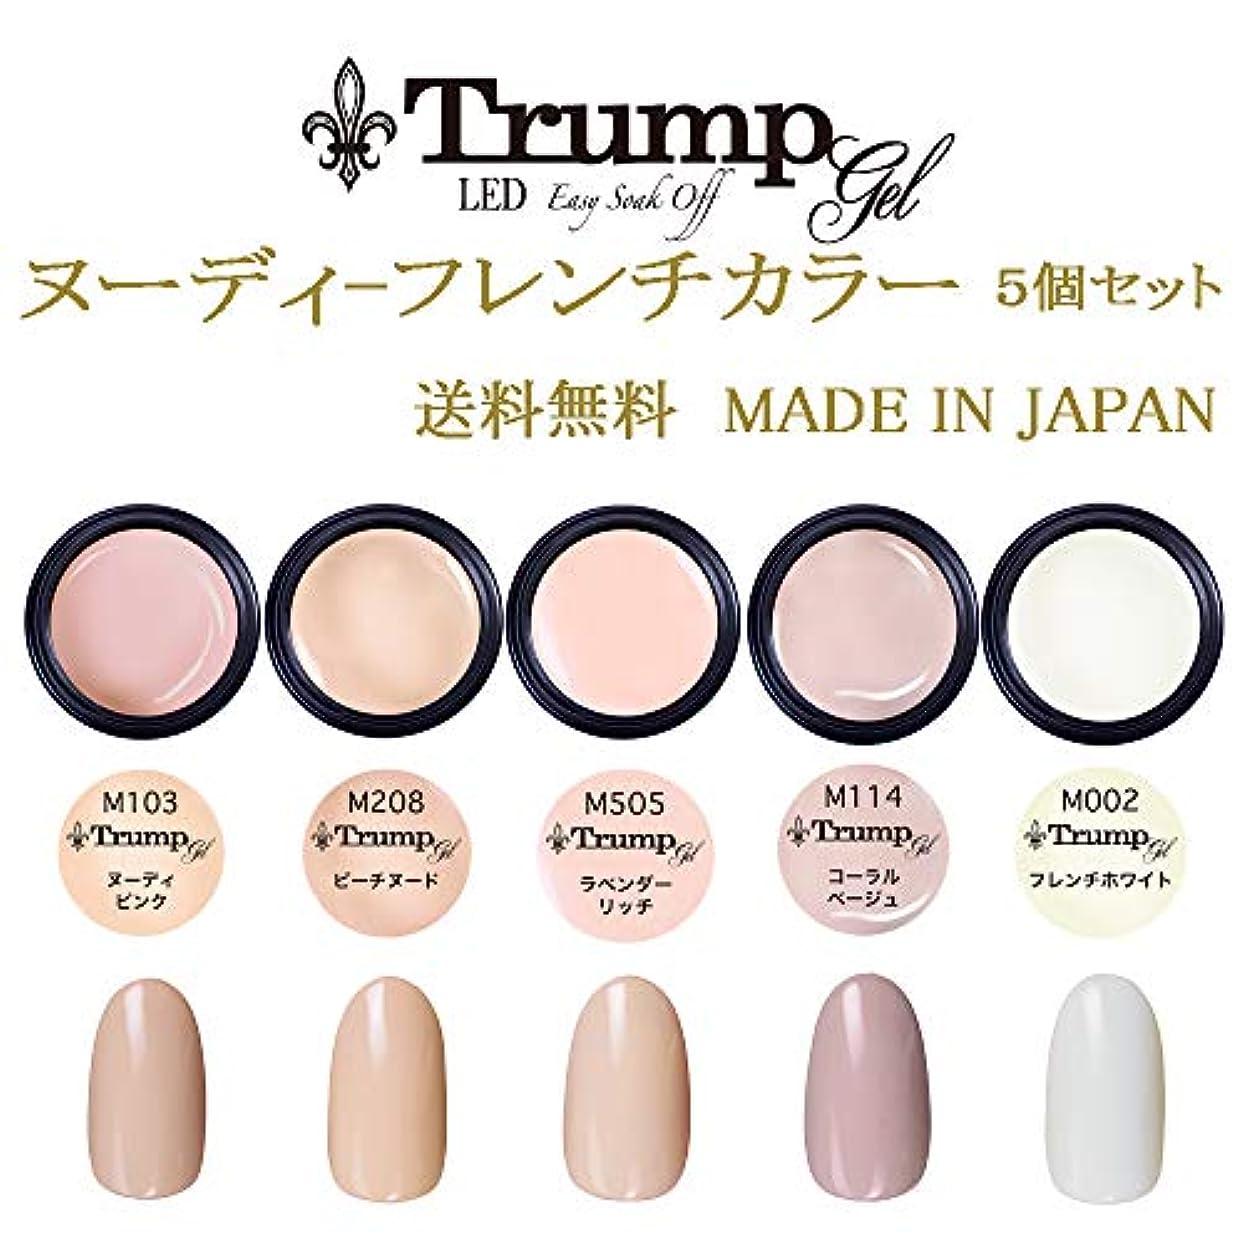 中絶水分ユーモア【送料無料】日本製 Trump gel トランプジェルヌーディフレンチカラージェル 5個セット 肌馴染みの良い ヌーデイフレンチカラージェルセット